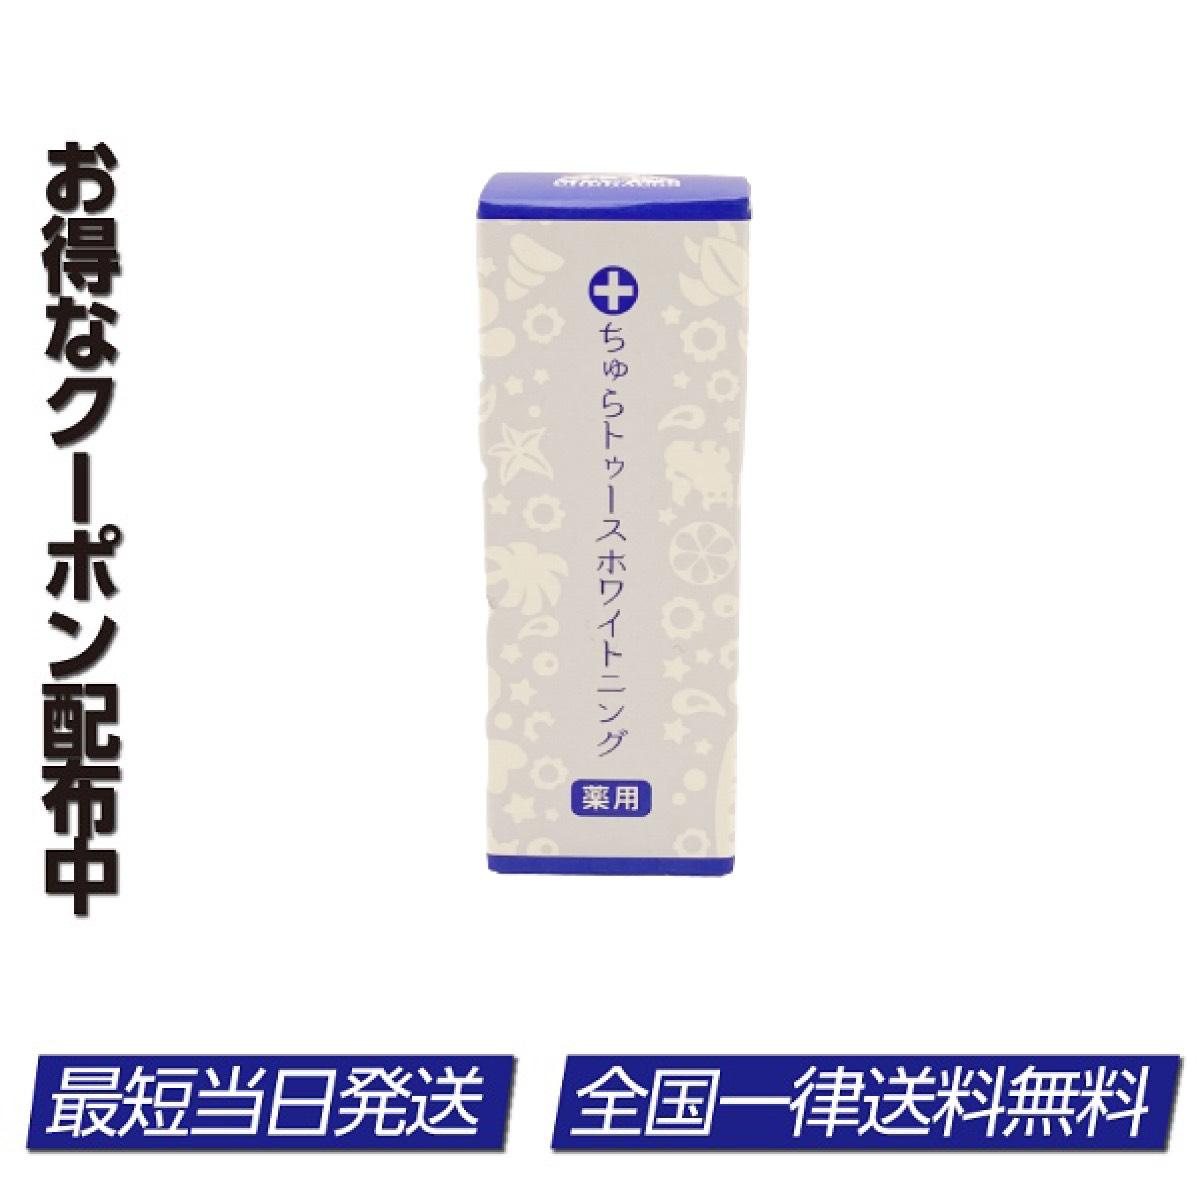 トラスト ちゅらトゥースホワイトニング 国際ブランド 30g チュラコス ホワイトニング デンタルケア